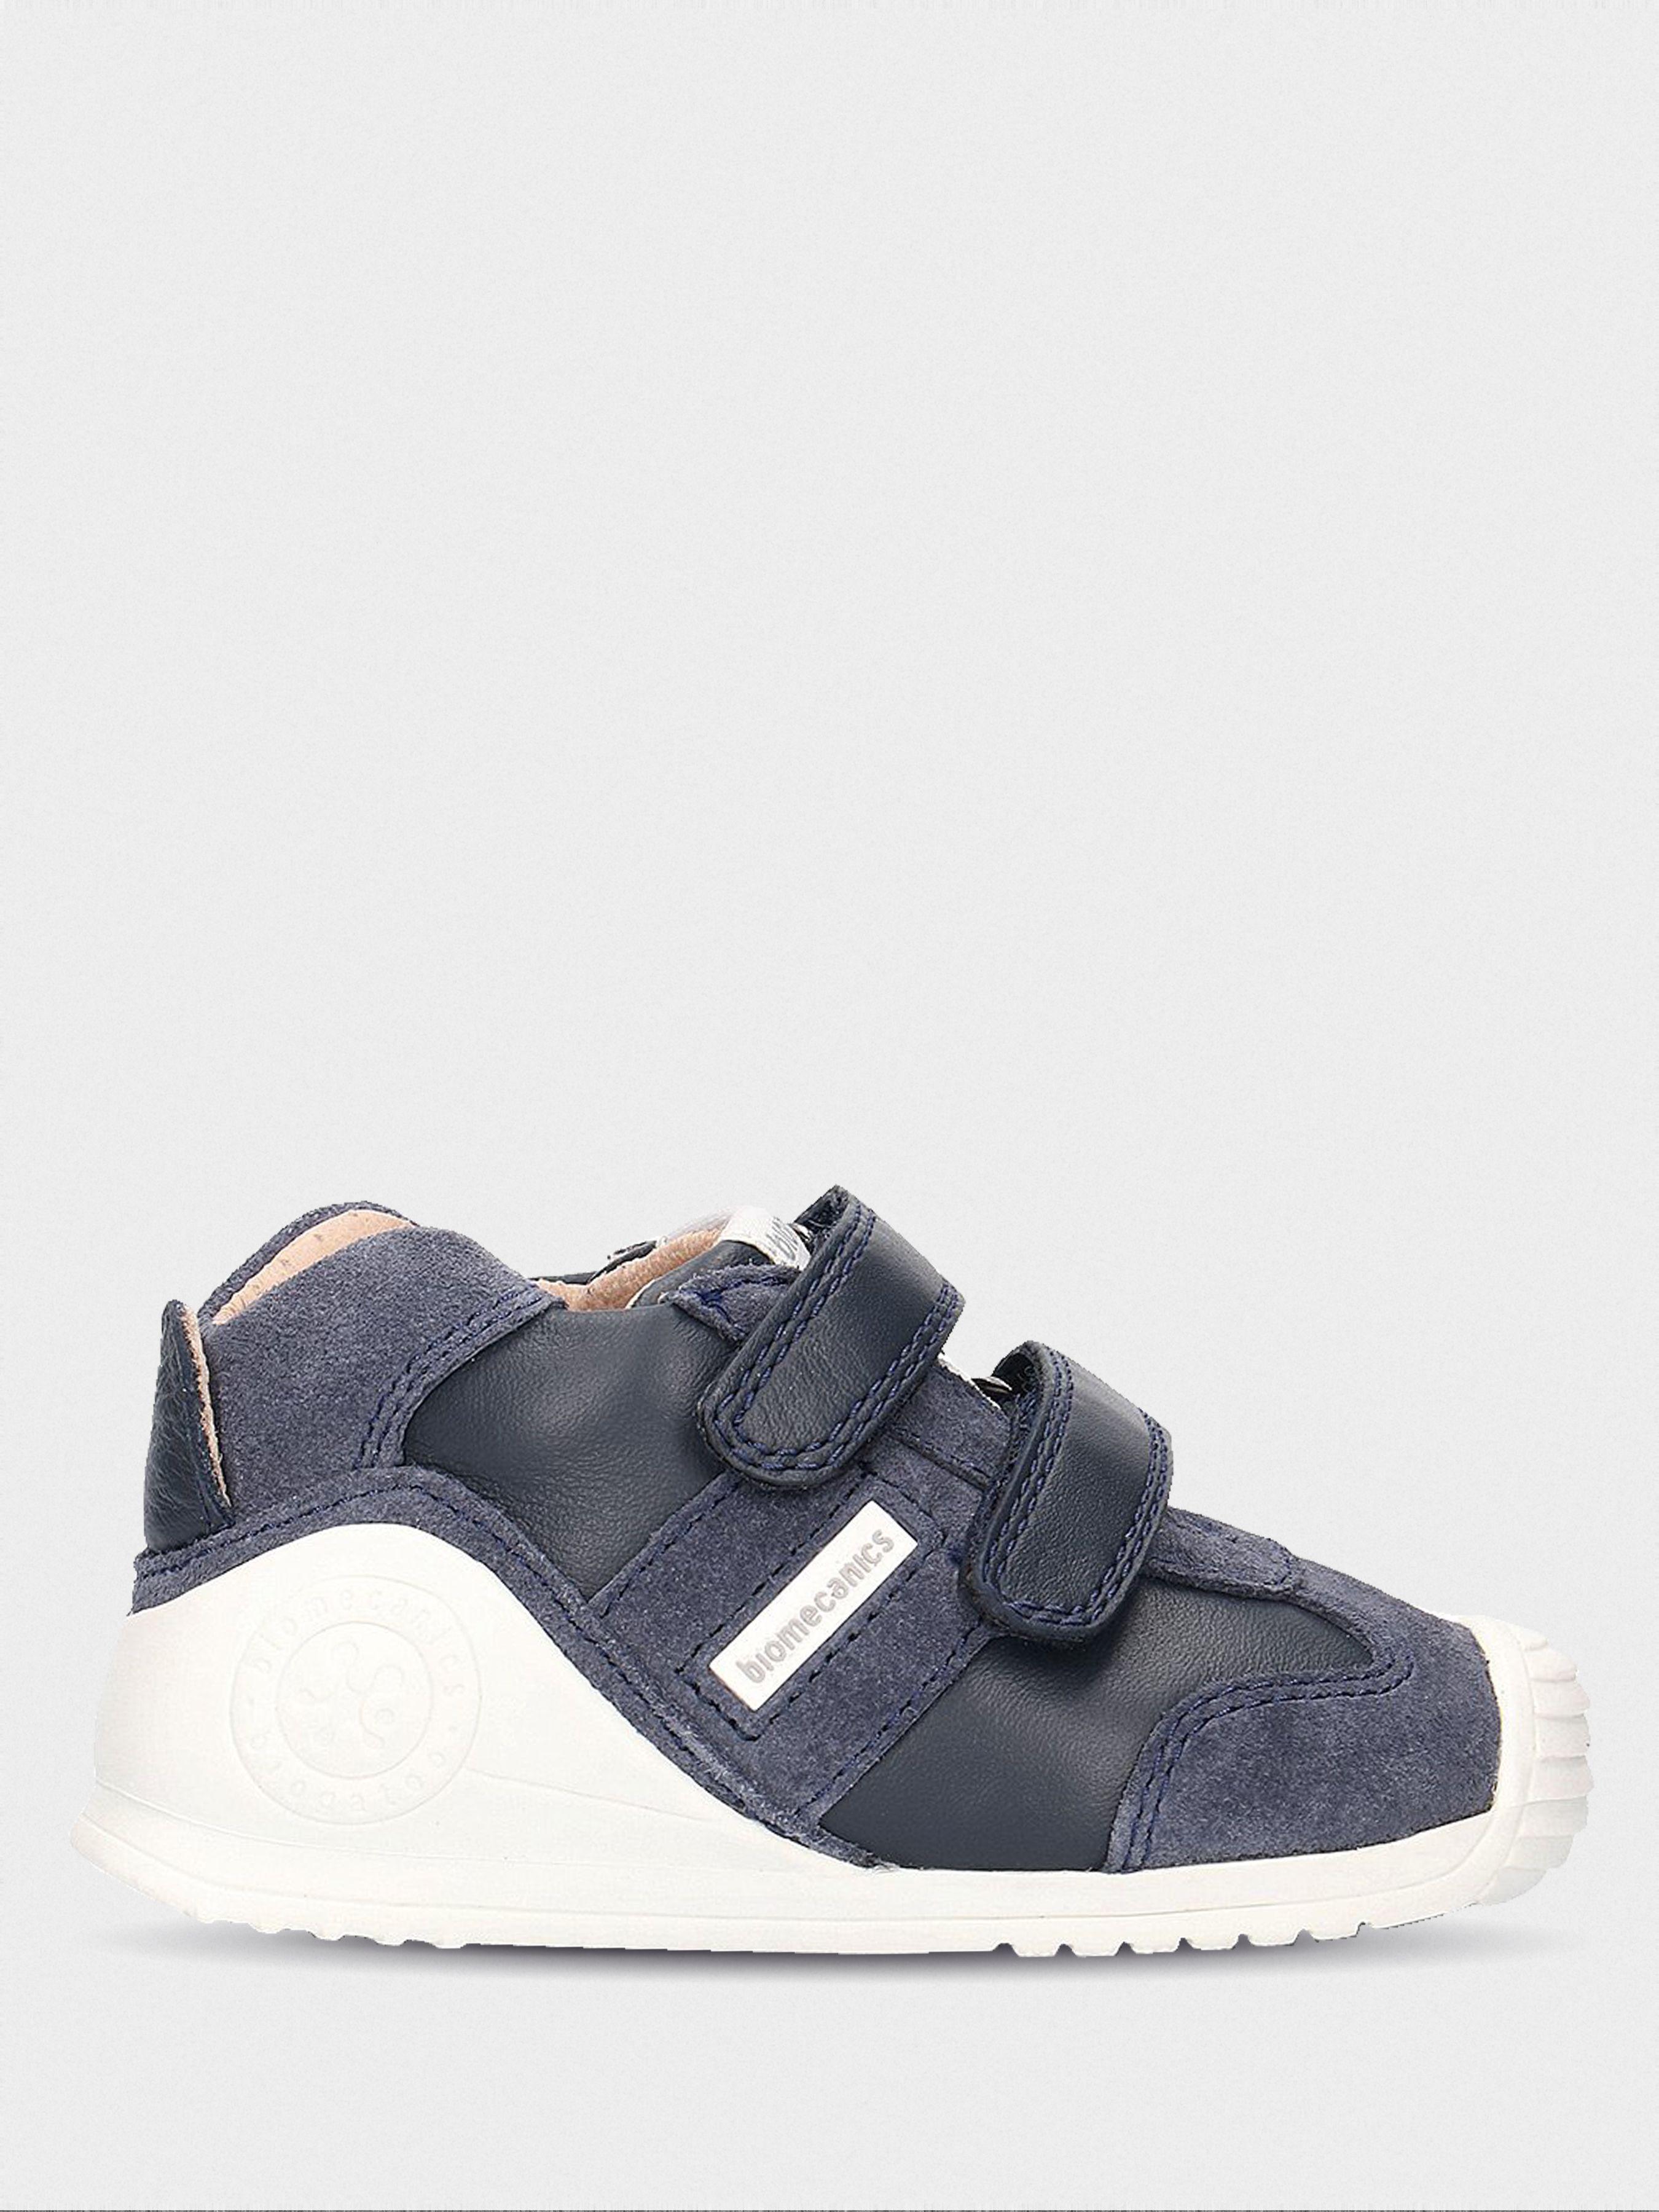 Купить Ботинки для детей Biomecanics YX105, Синий